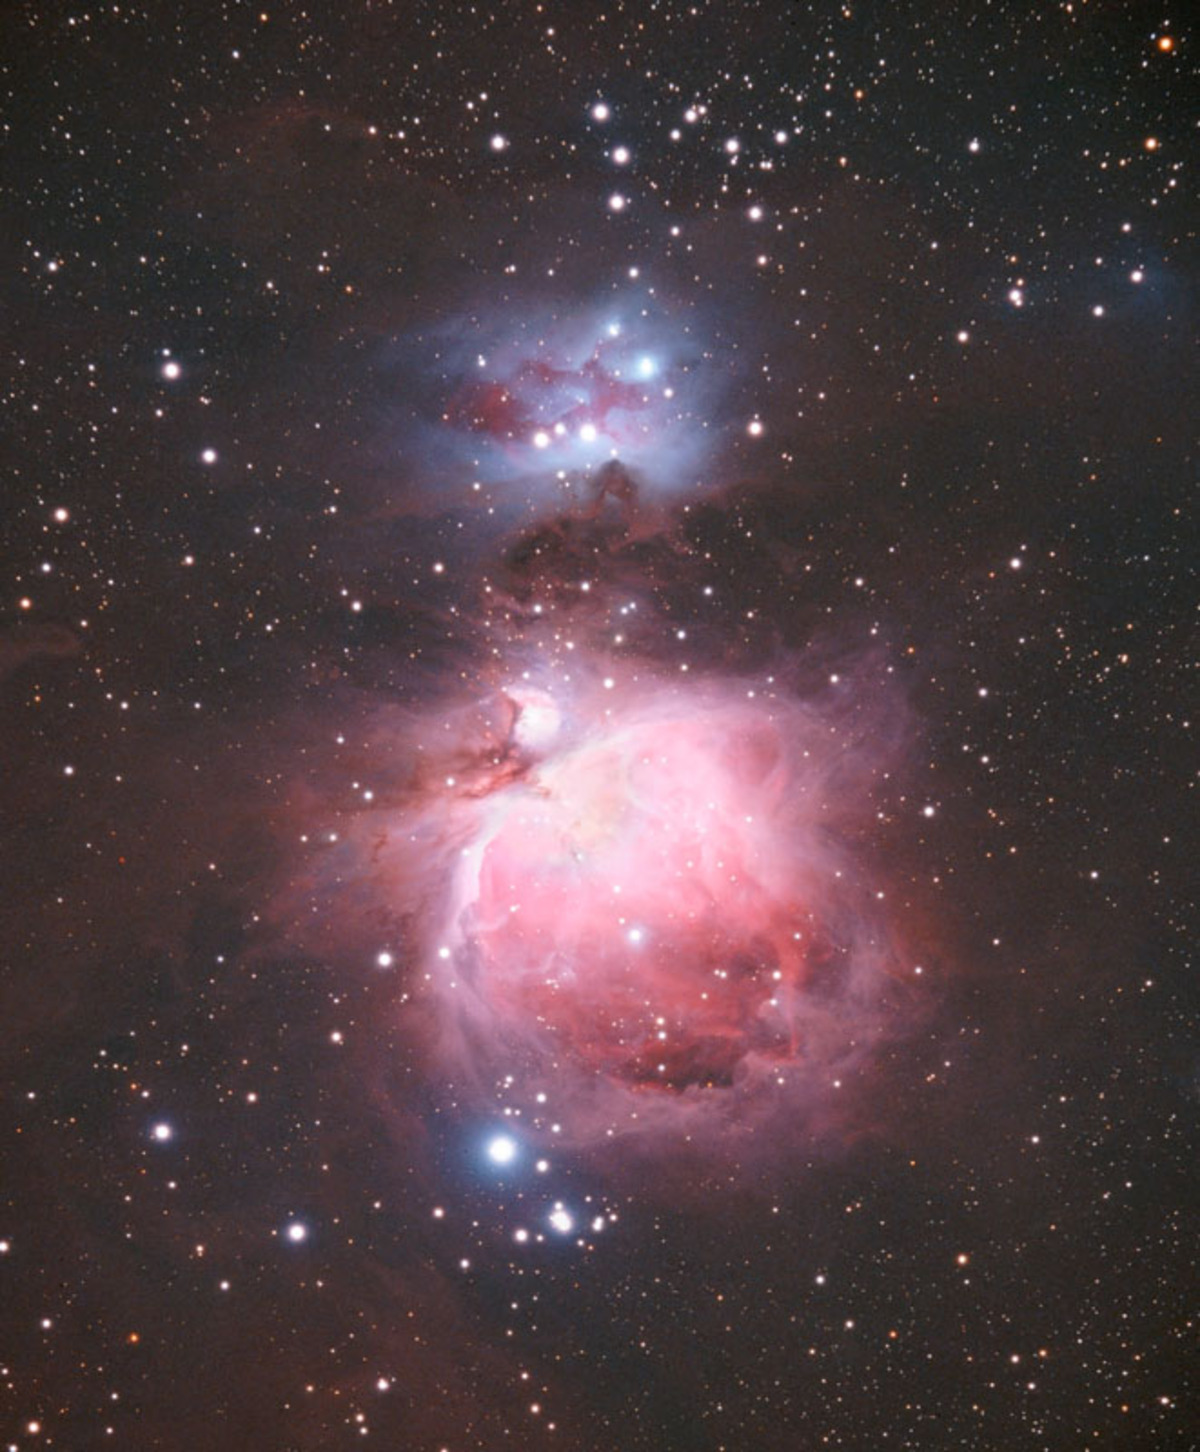 M42 and NGC1980